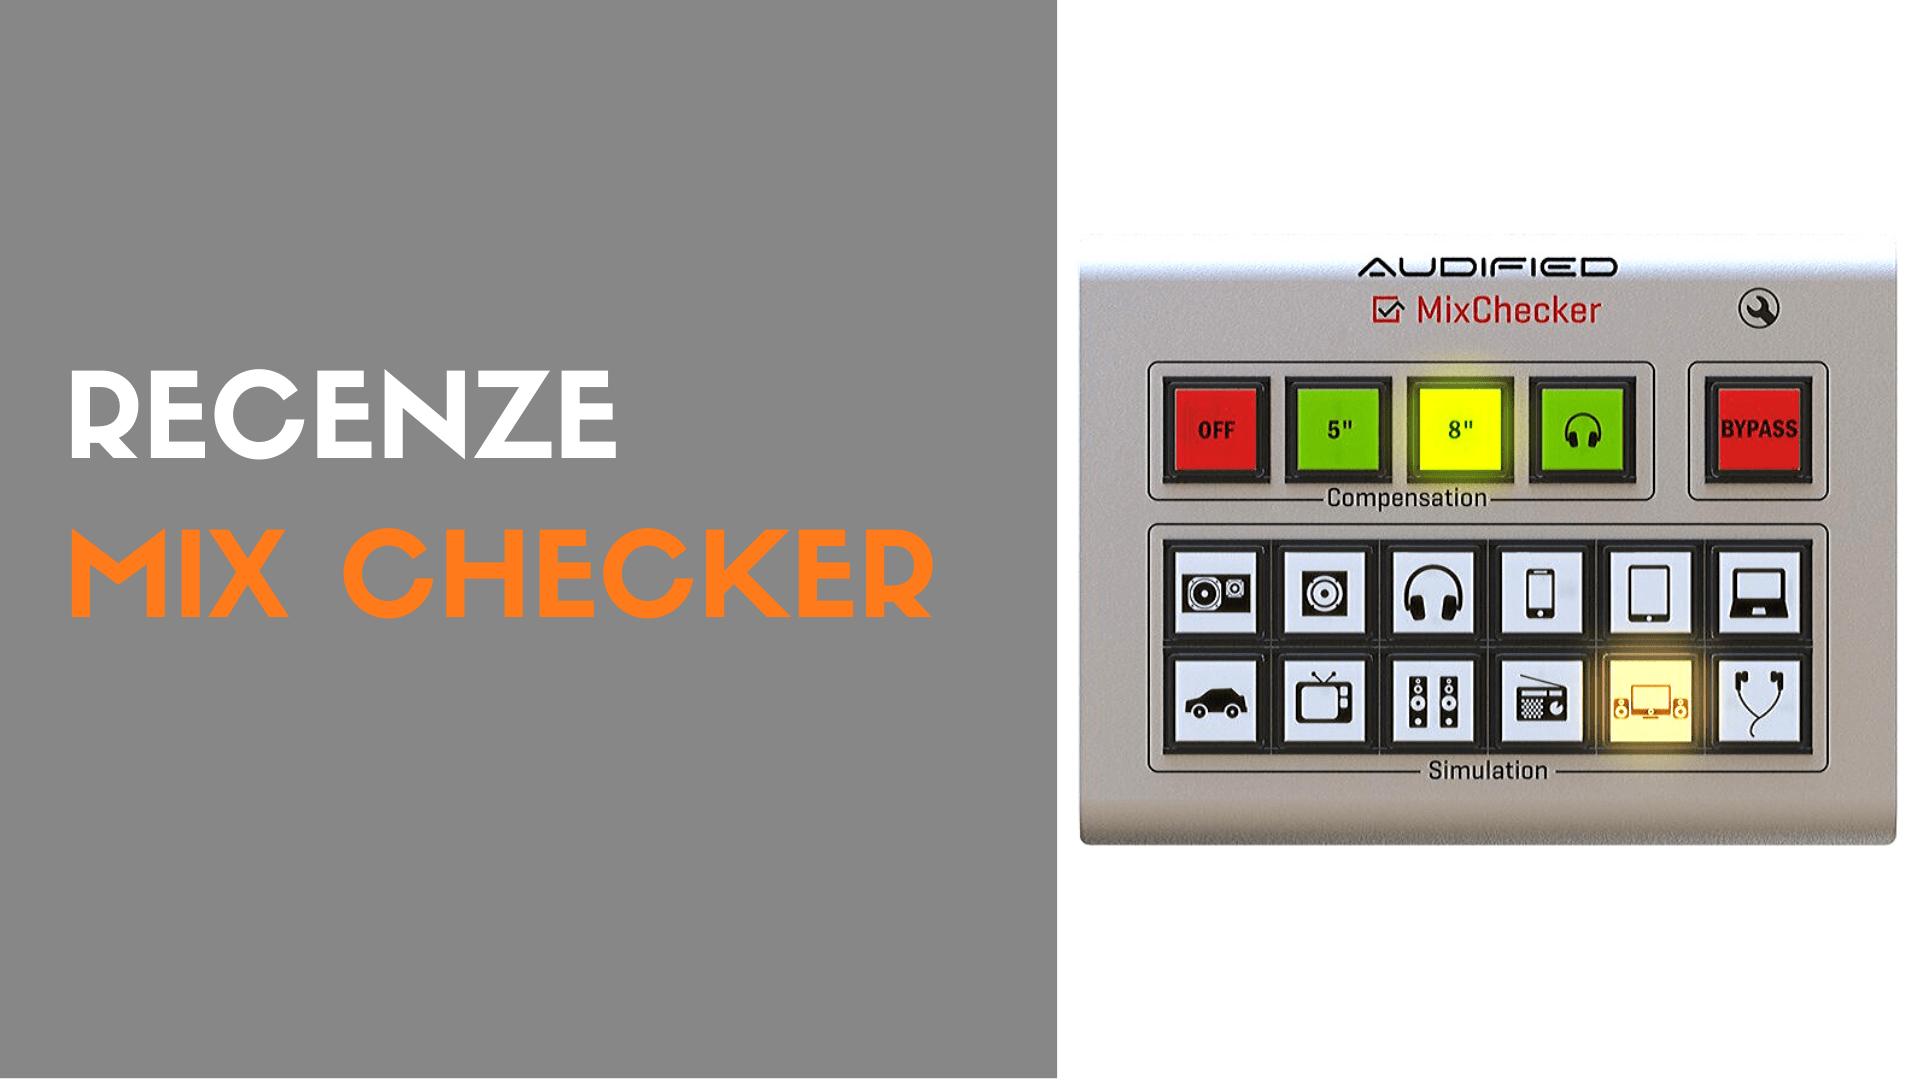 Recenze – MixChecker